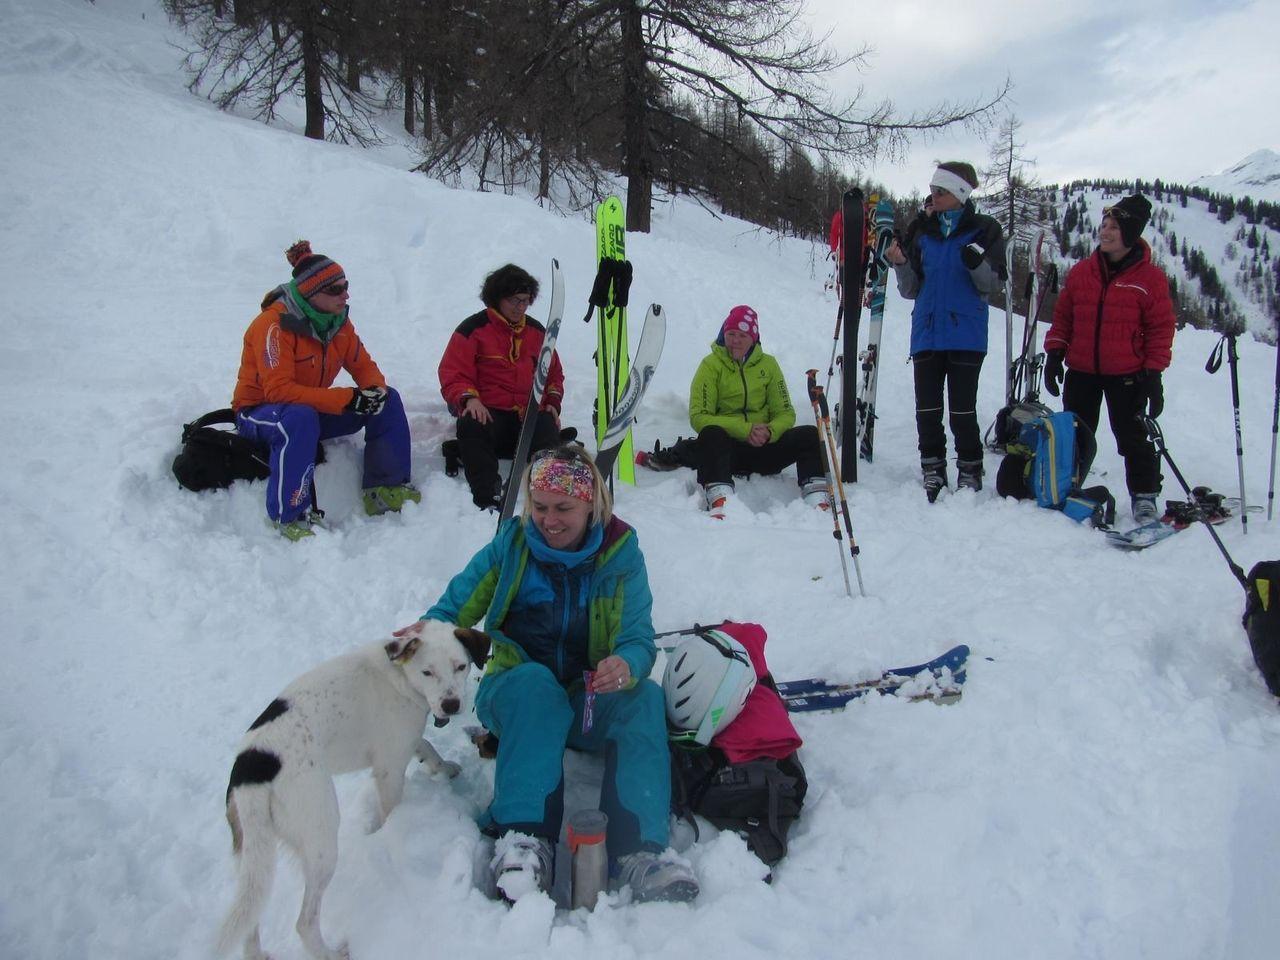 skitourenwinterladiescampkoreinpausevorabfahrtkaralm_18